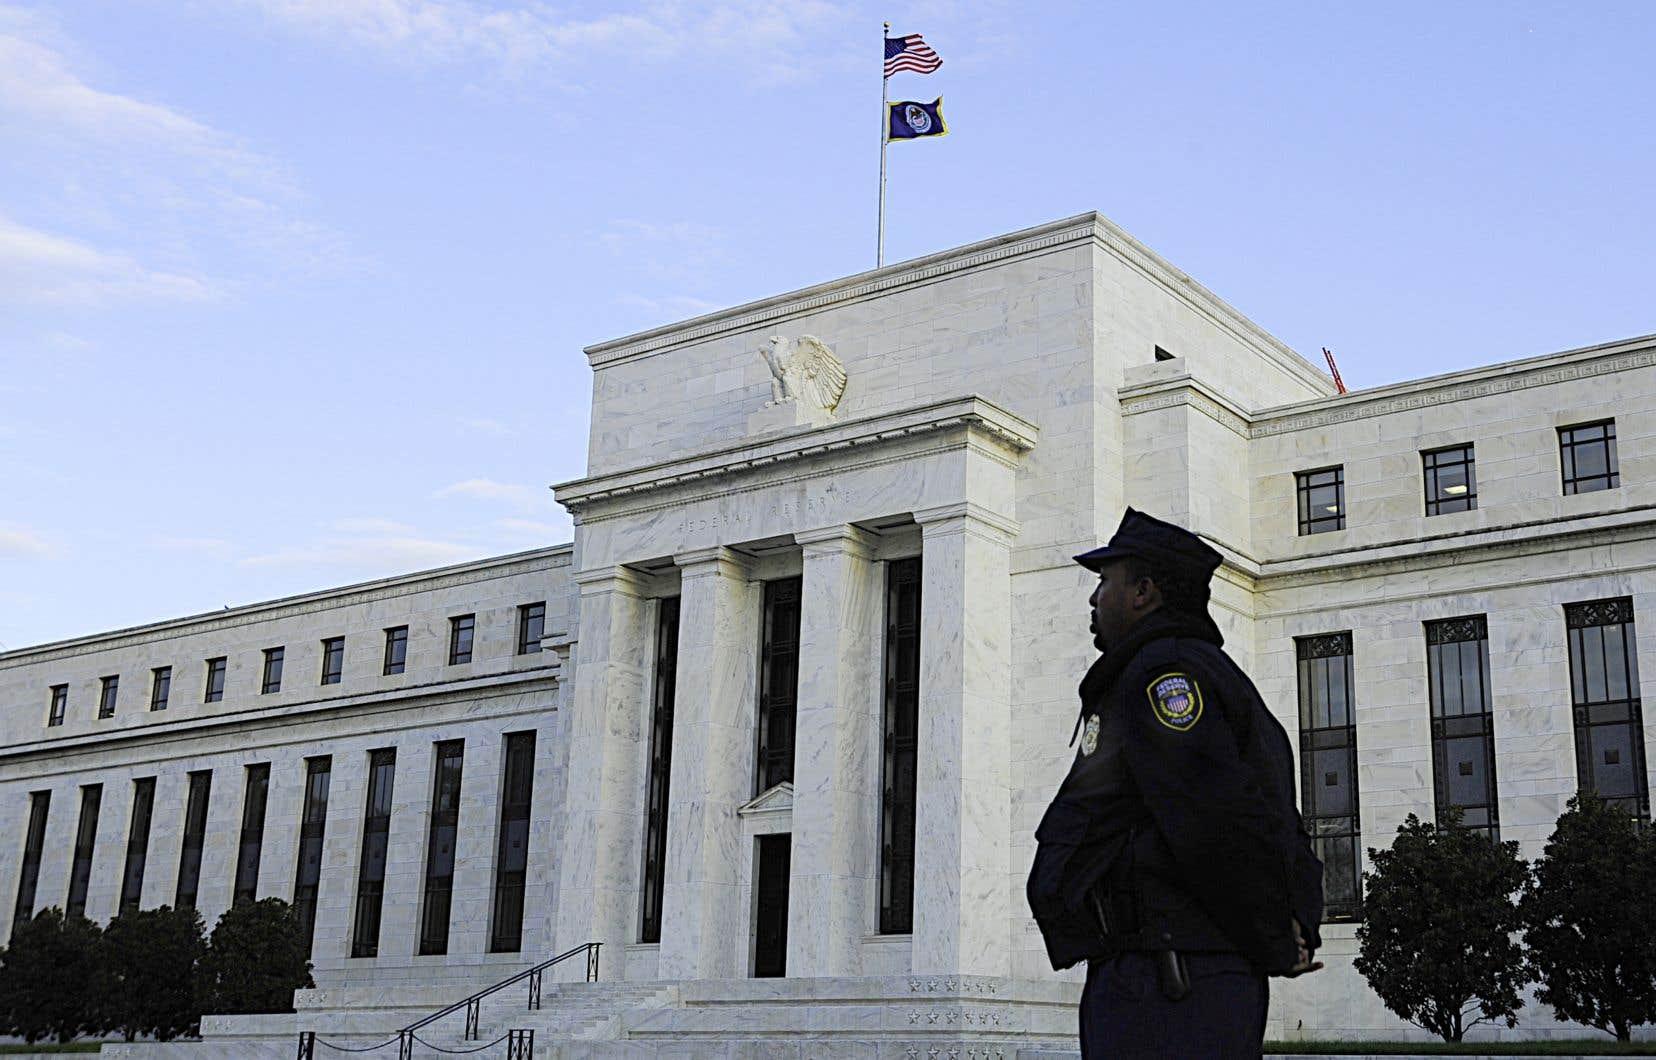 Les grandes banques américaines ont toutes réussi les tests de résistance de la Réserve fédérale des États-Unis.